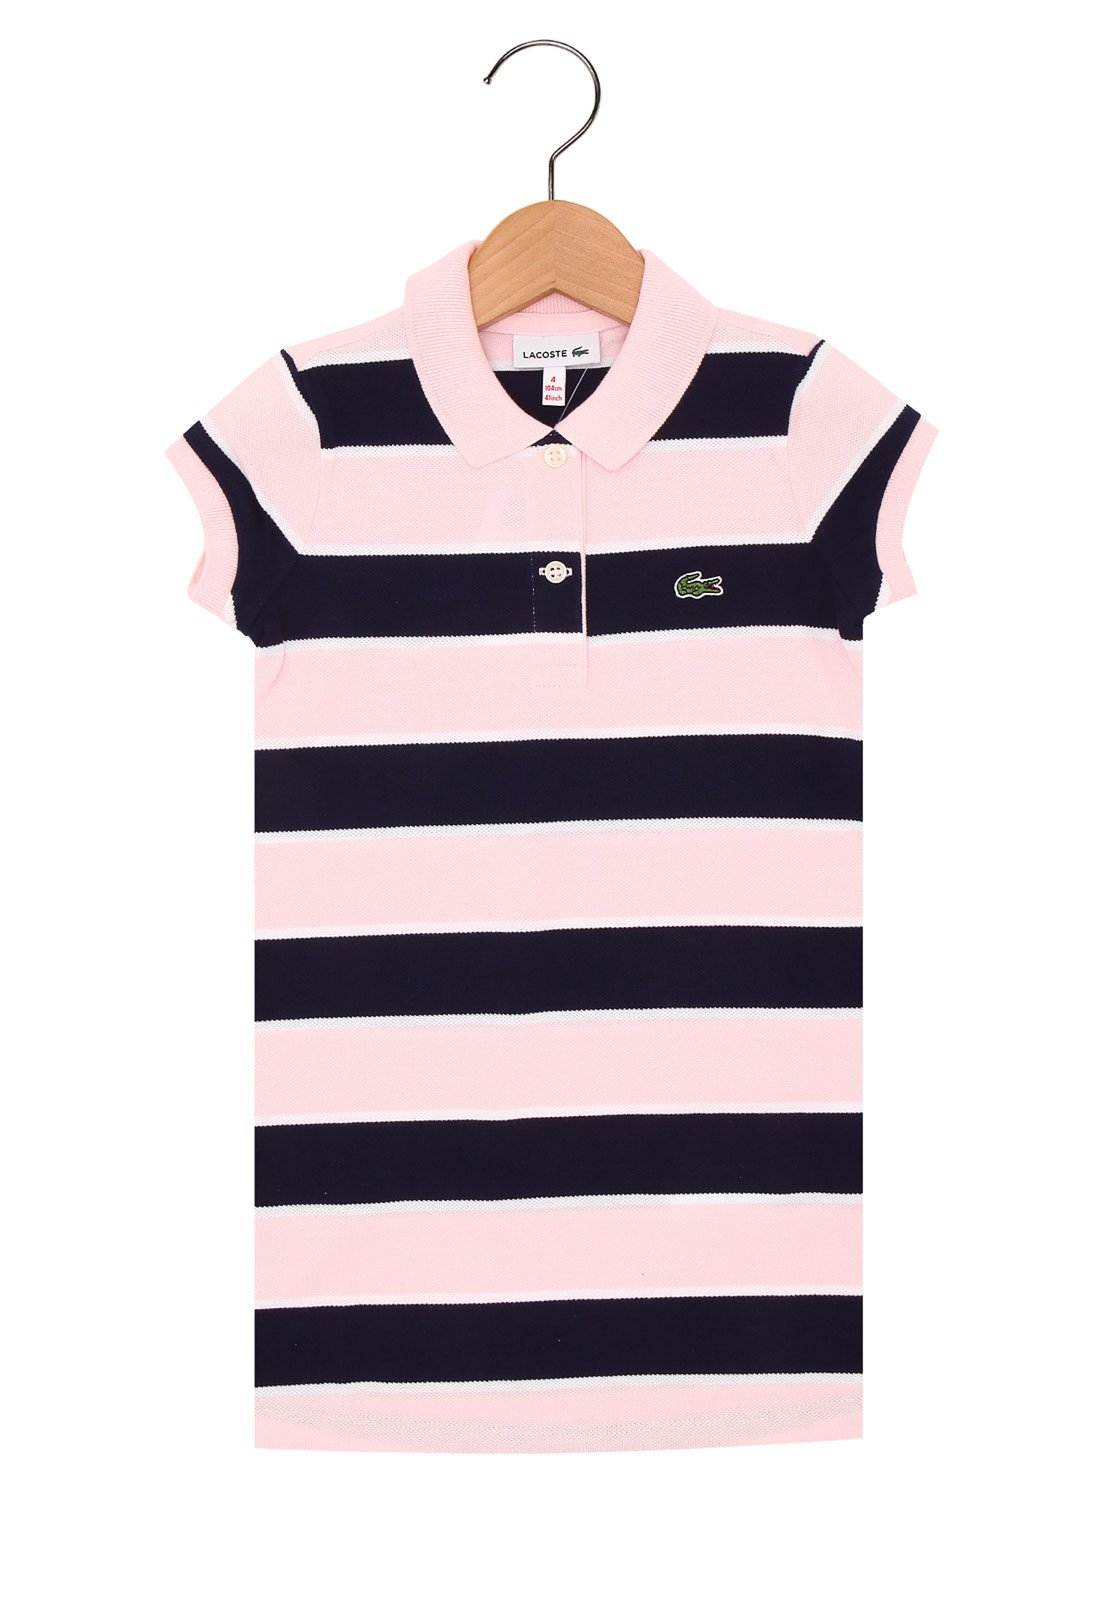 61202b9f37b Vestido Lacoste Menina Rosa - Compre Agora